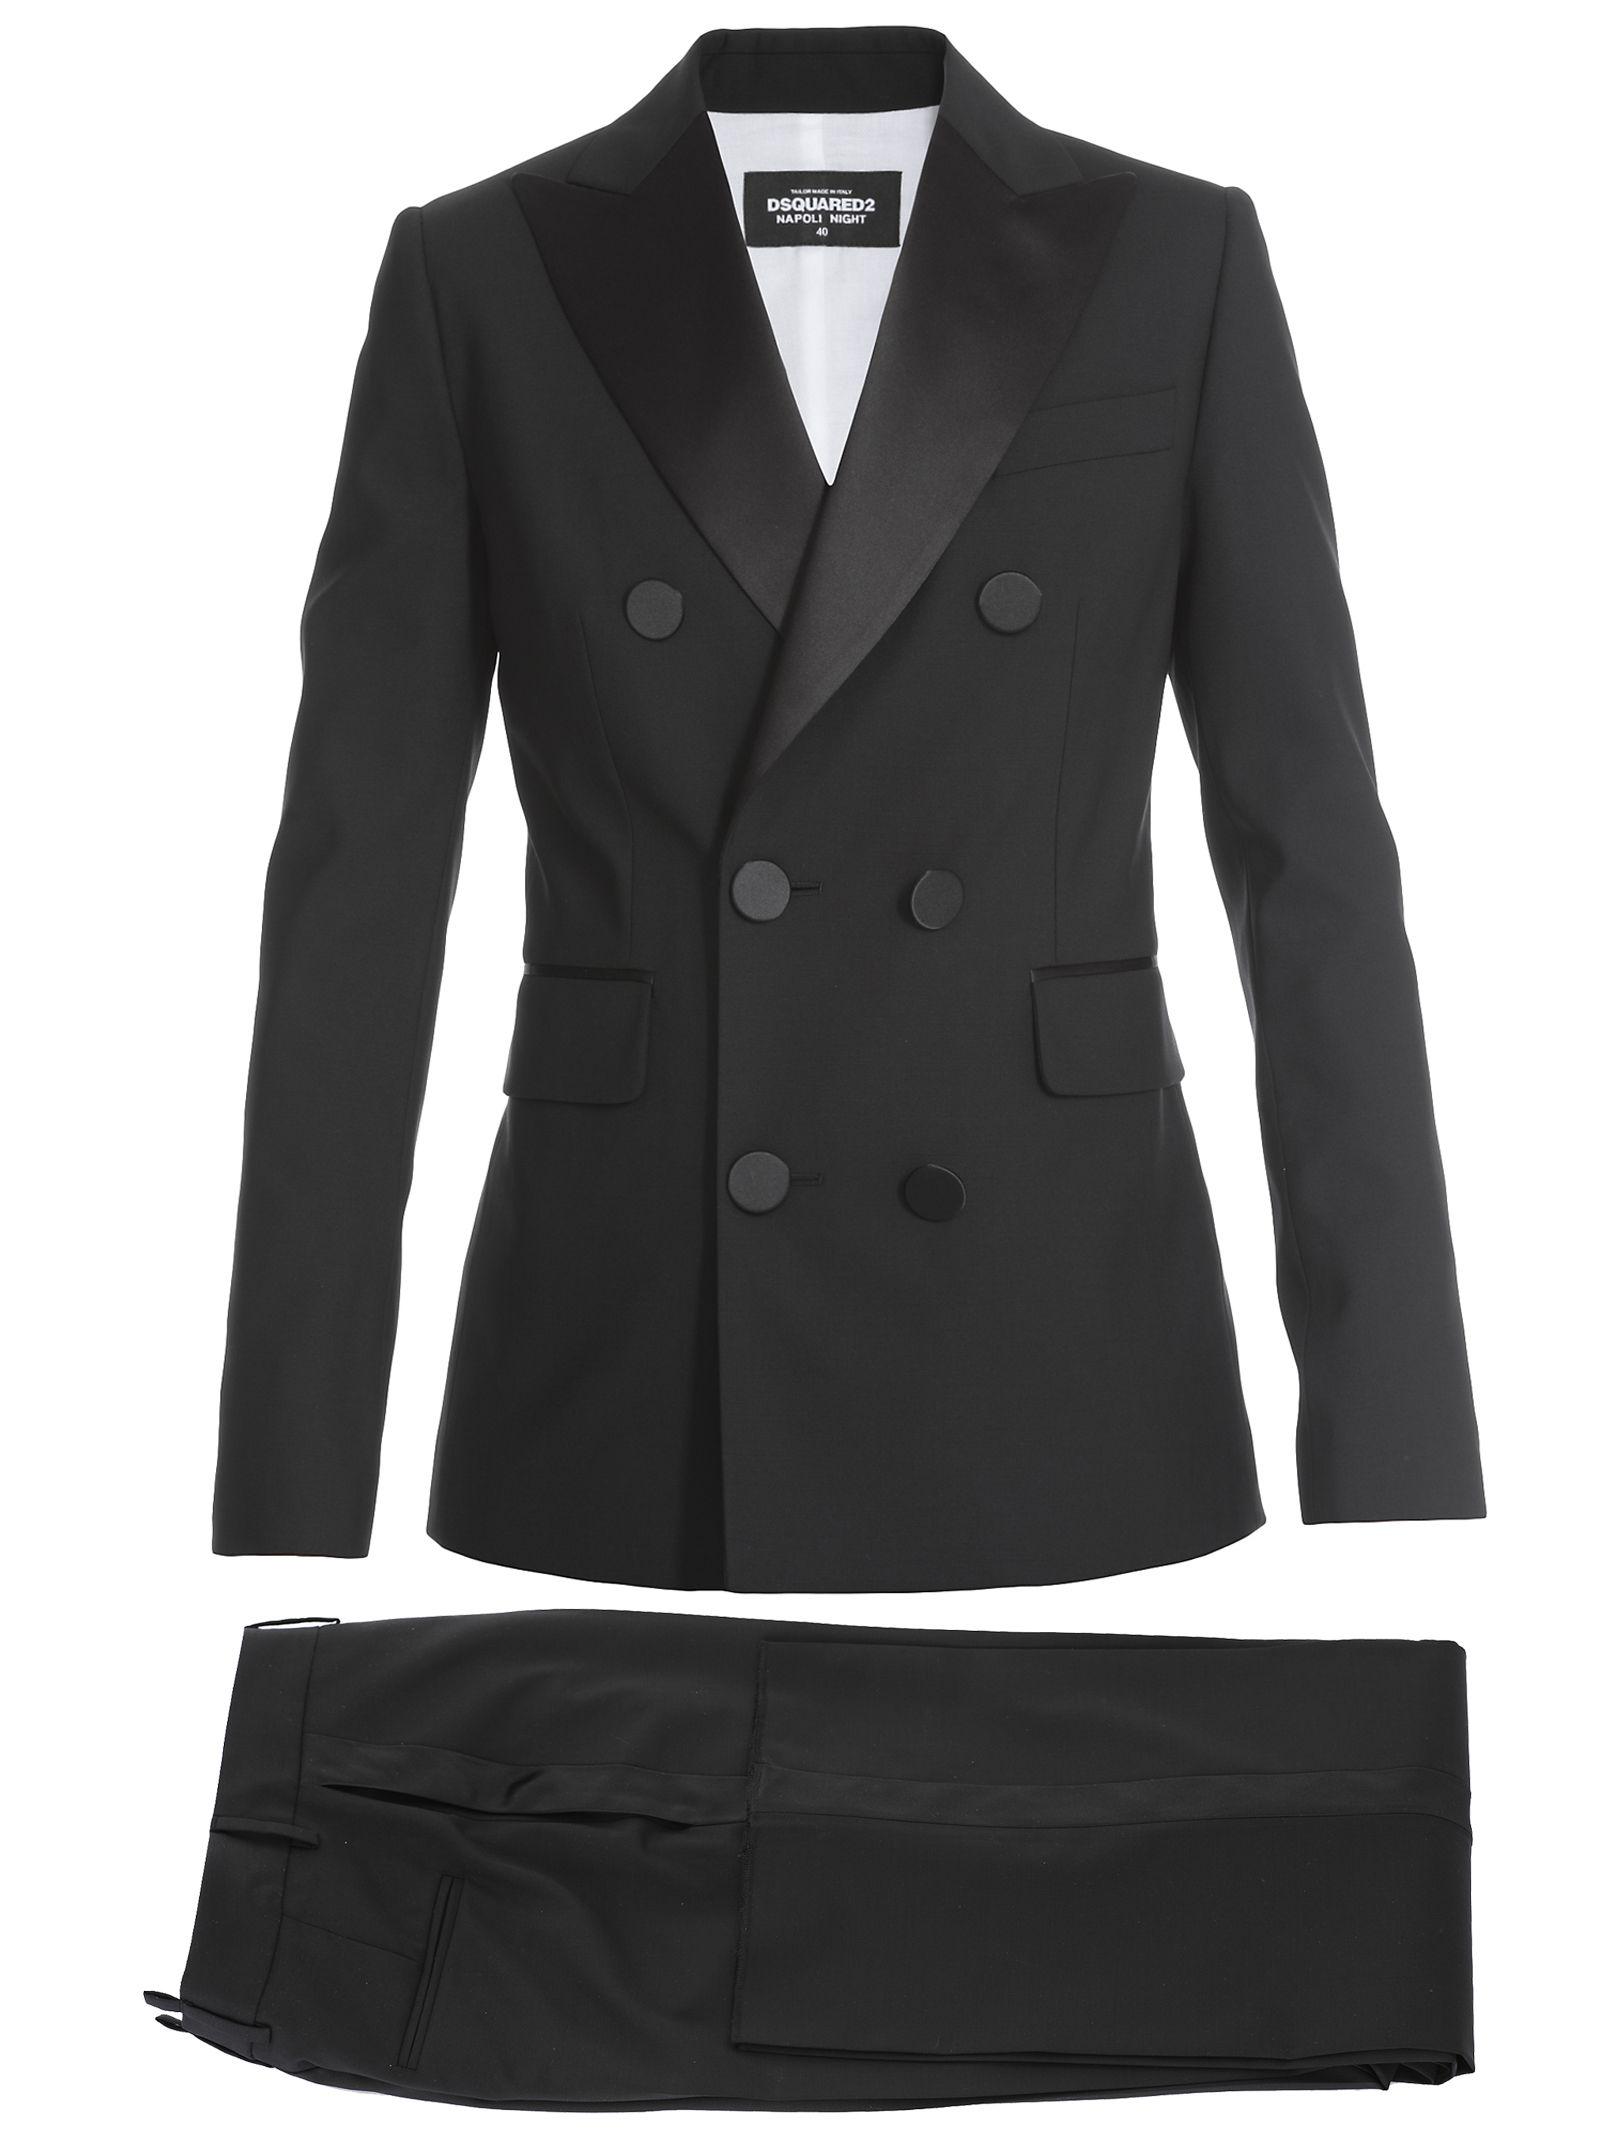 Virgin Wool Suit in Black